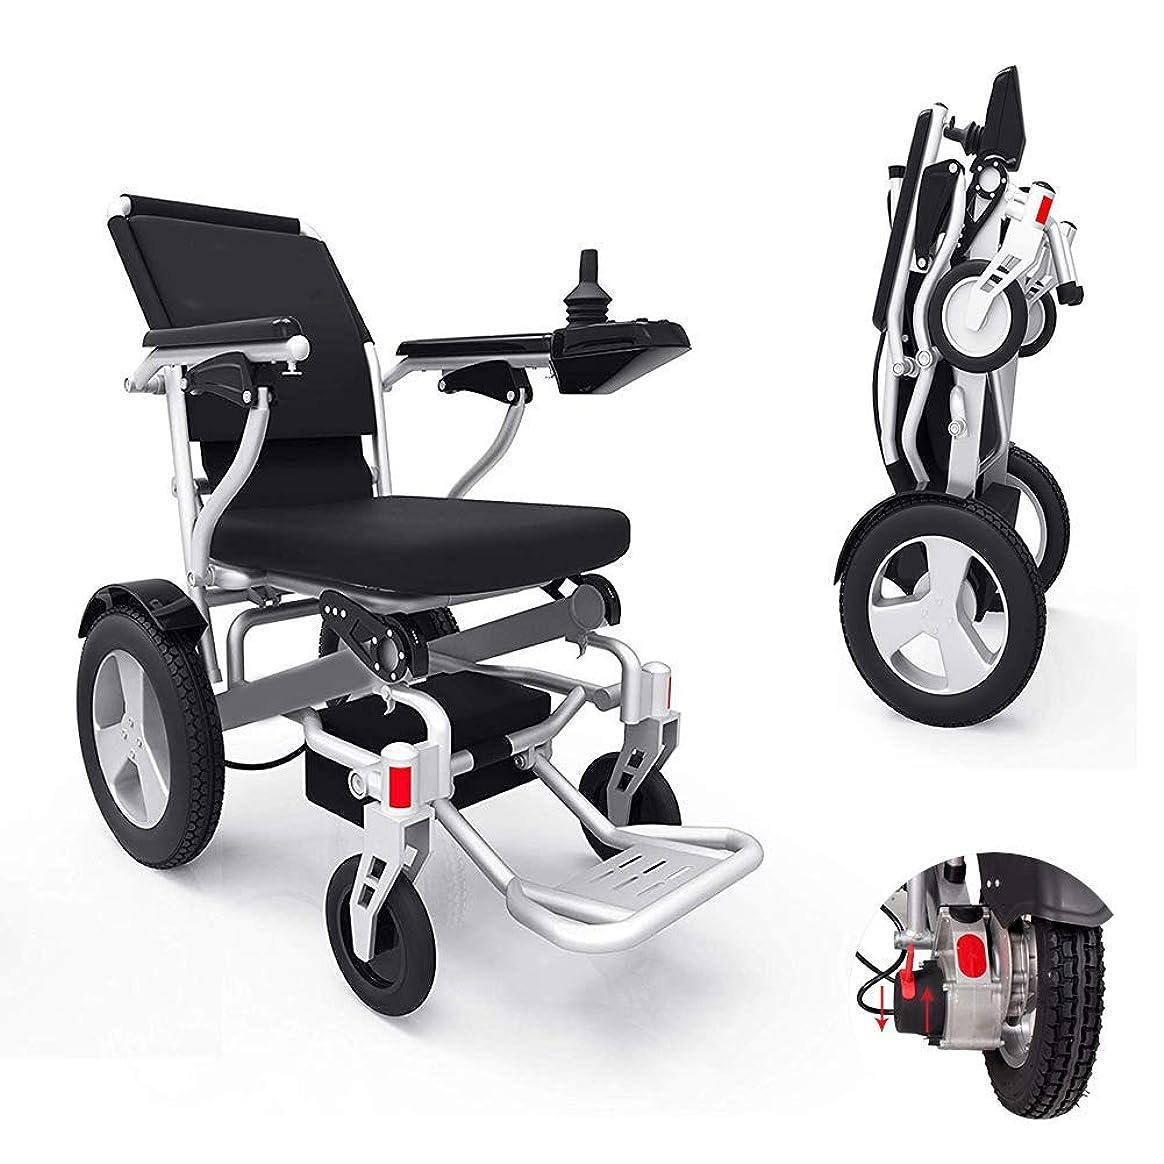 想定するパイプ浸漬良質の電動車椅子、ポータブル電動車椅子、軽量、折りたたみ式、ワイヤレスリモコン高齢者スクーター